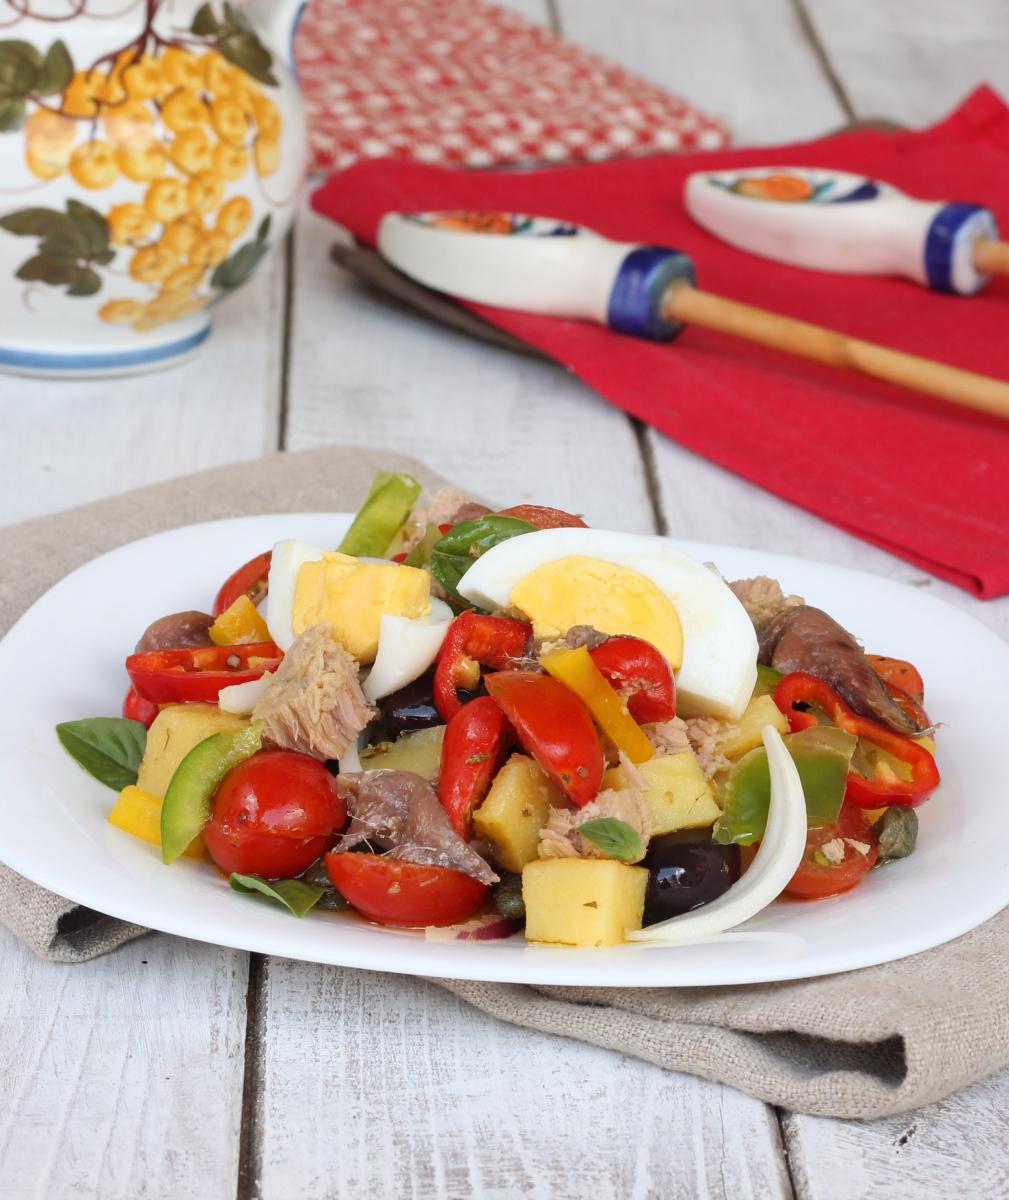 CONDIGLIONE ricetta TRADIZIONALE LIGURE   insalata tipica genovese   cundigiun